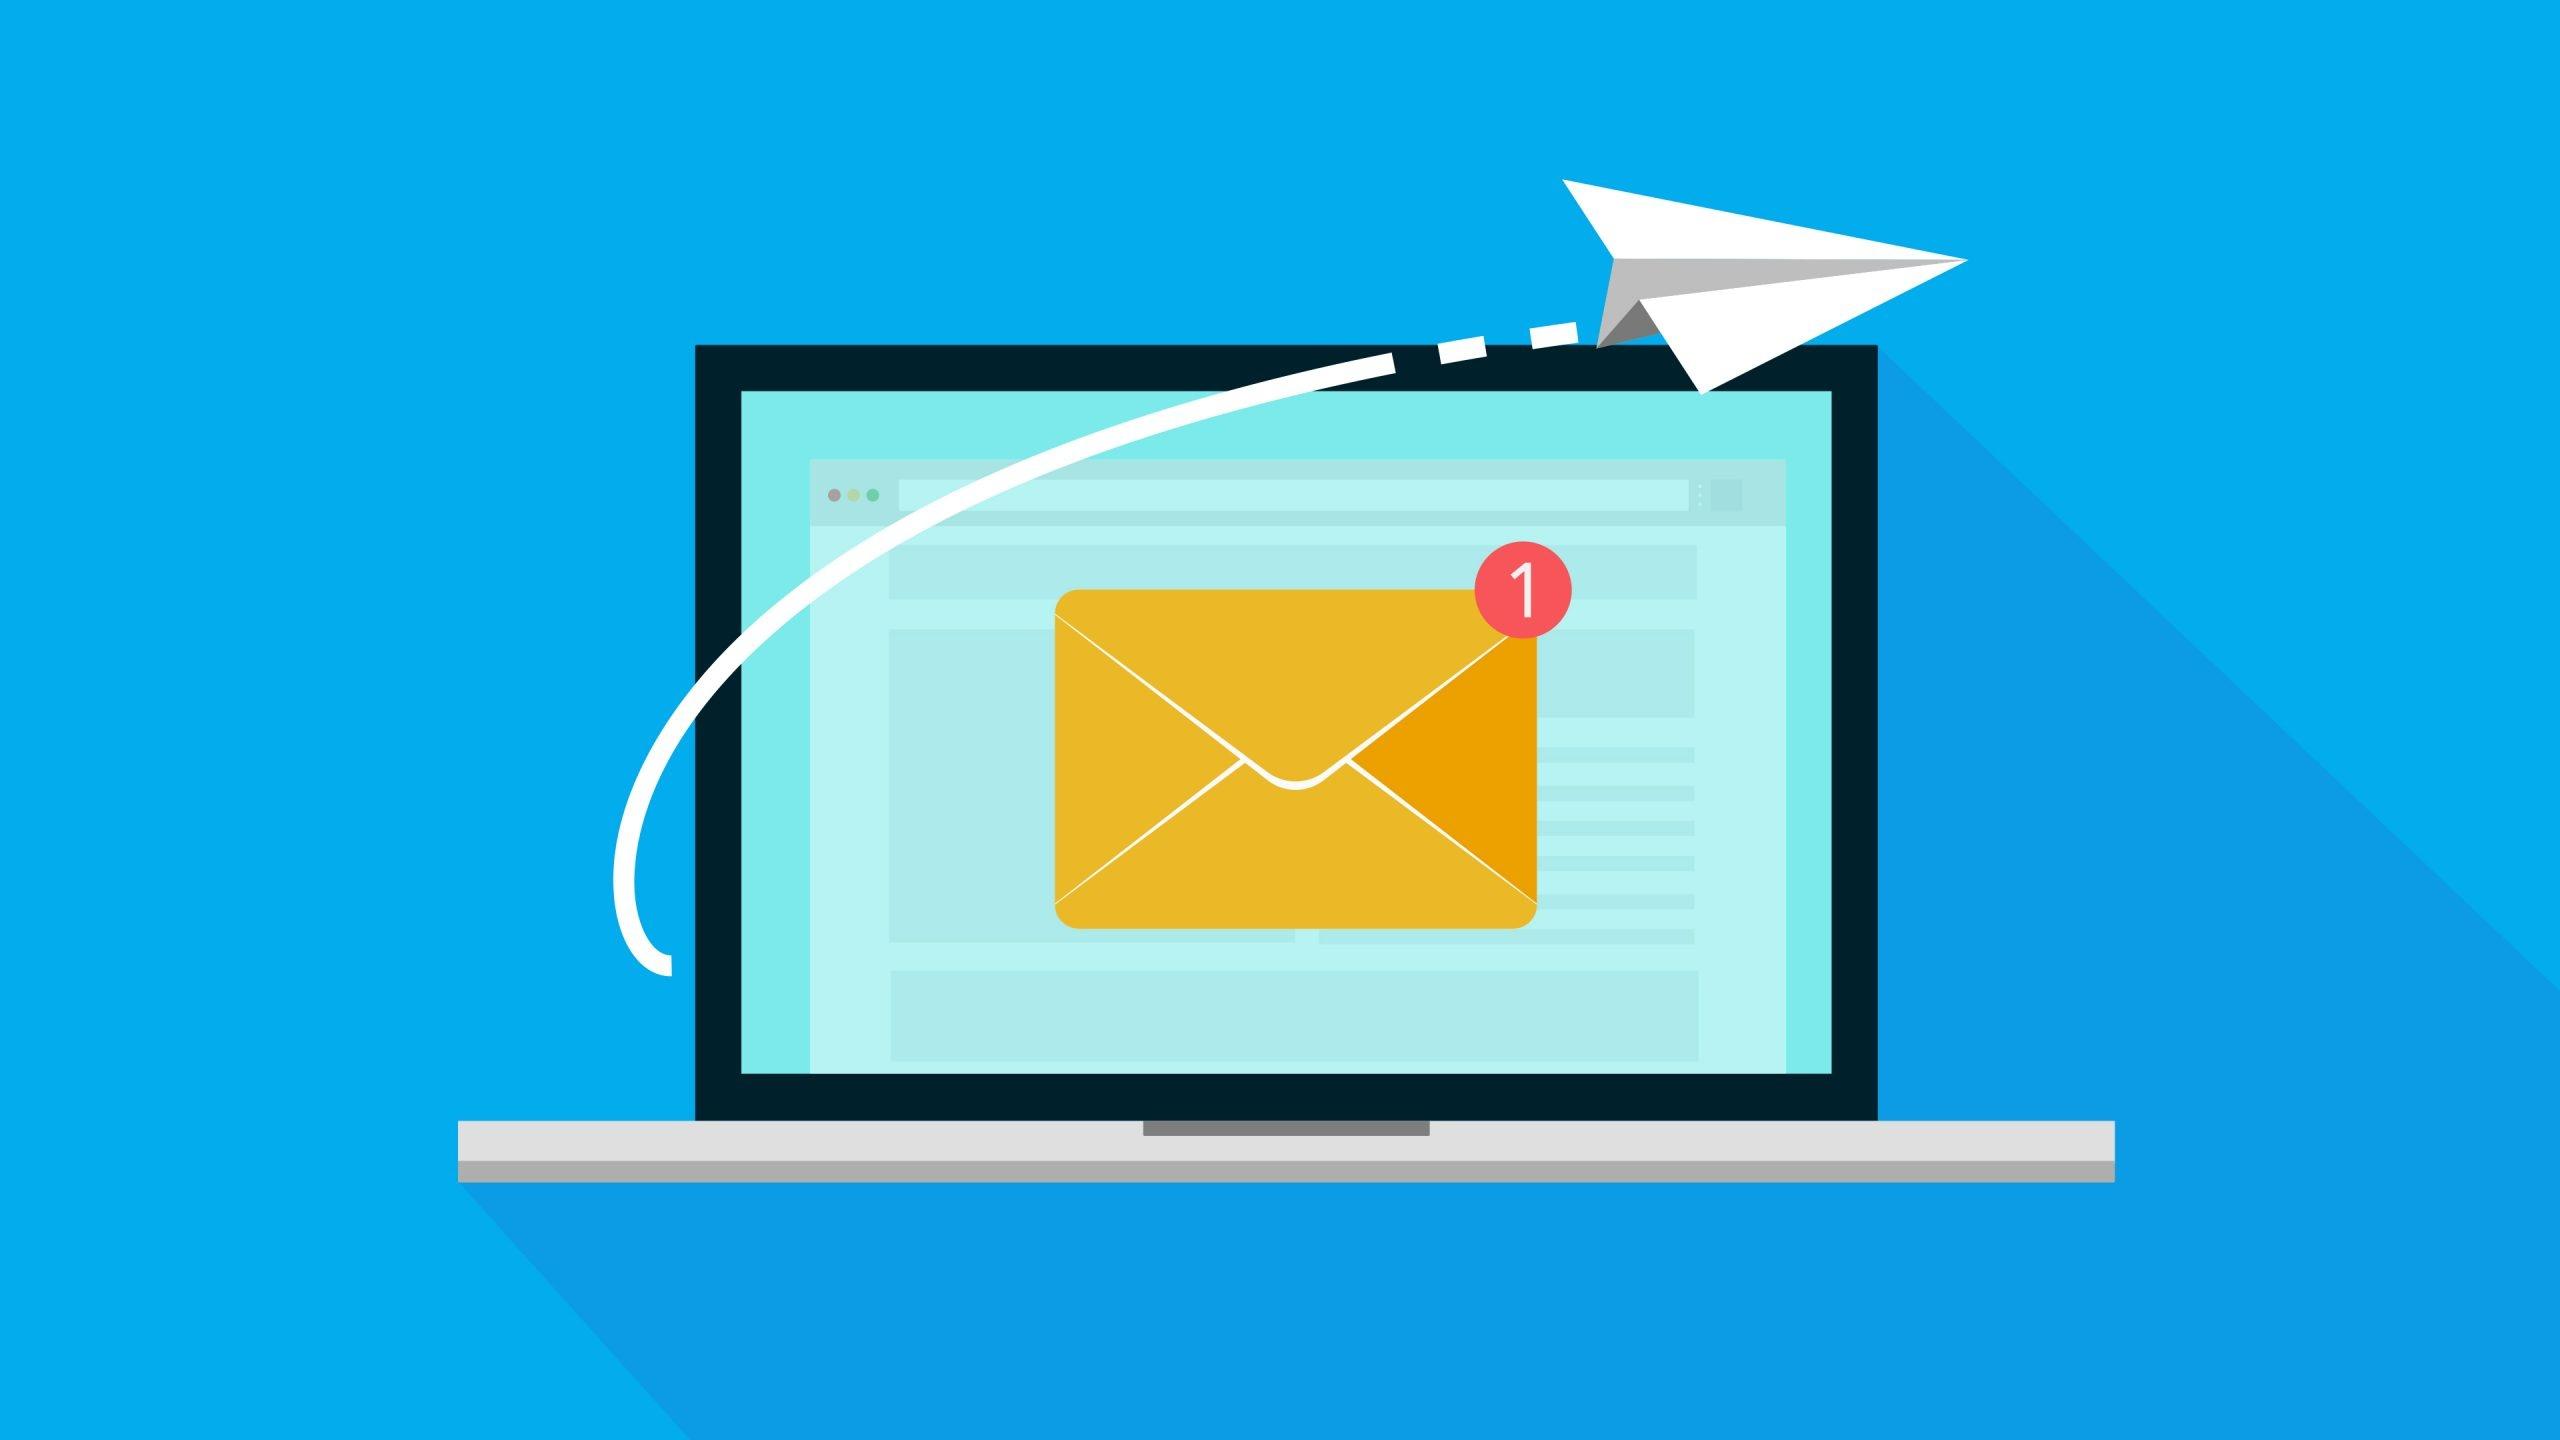 Mengenal Apa itu FlockMail : Fungsi, Keunggulan, dan Fiturnya | IDCloudHost